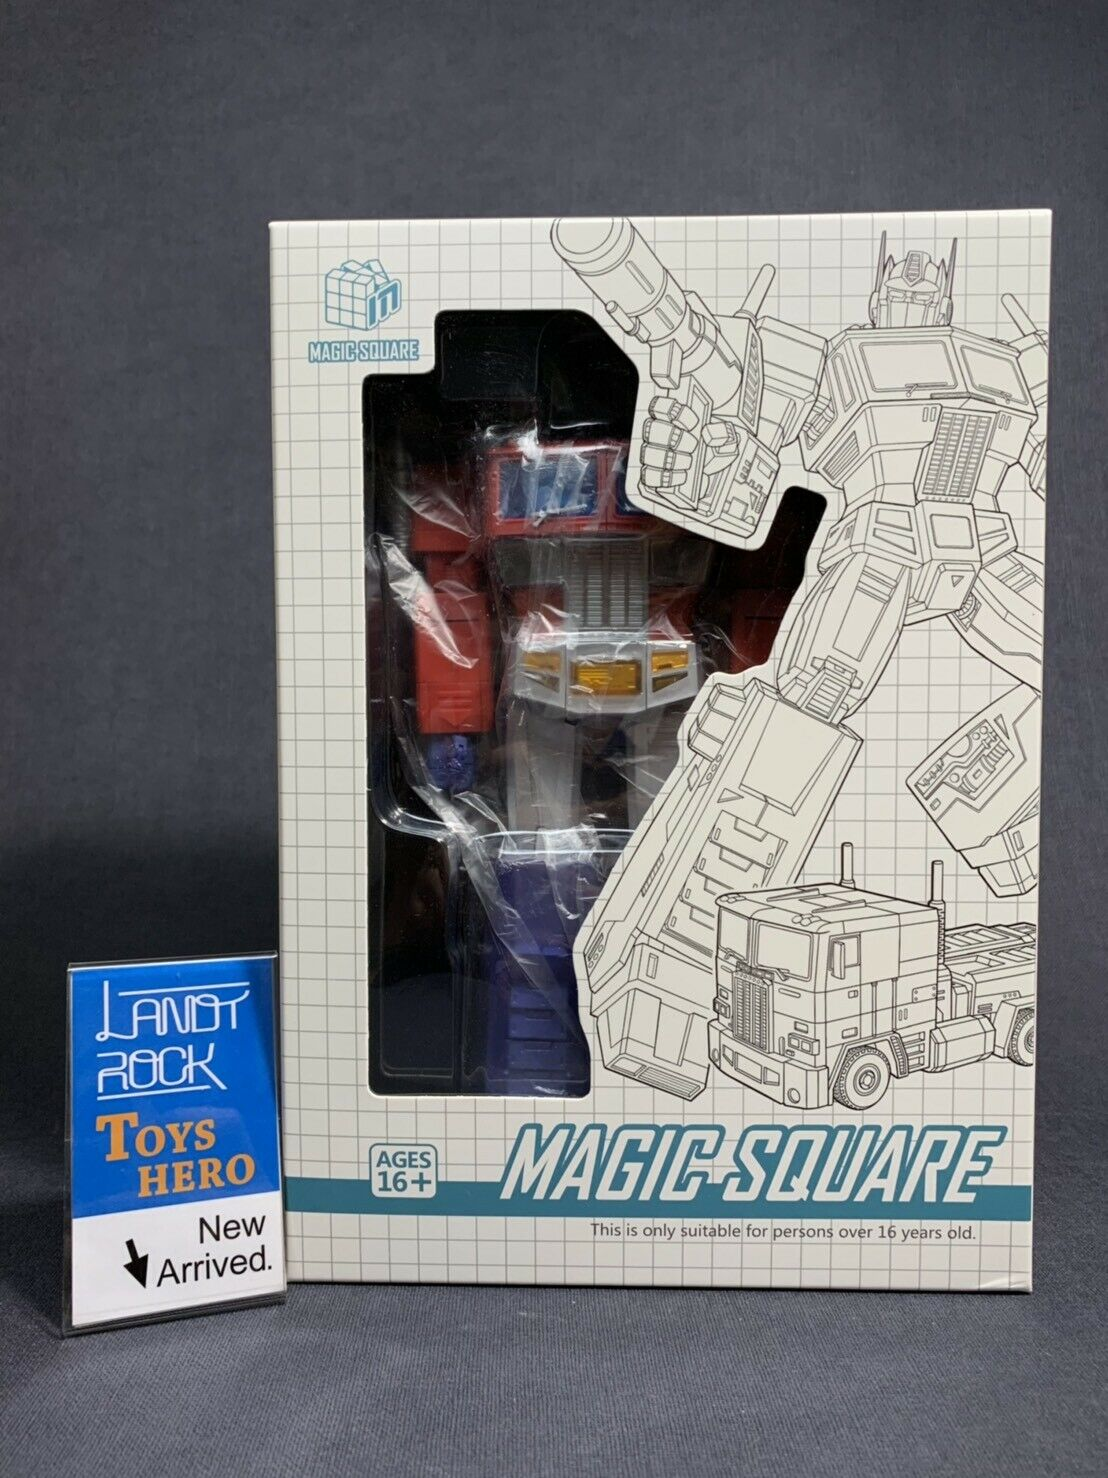 Juguetes héroe] en mano [Transformers Miss-TOYS MS-01X Optimus Prime máquina pistolas versión 3.0 MS01